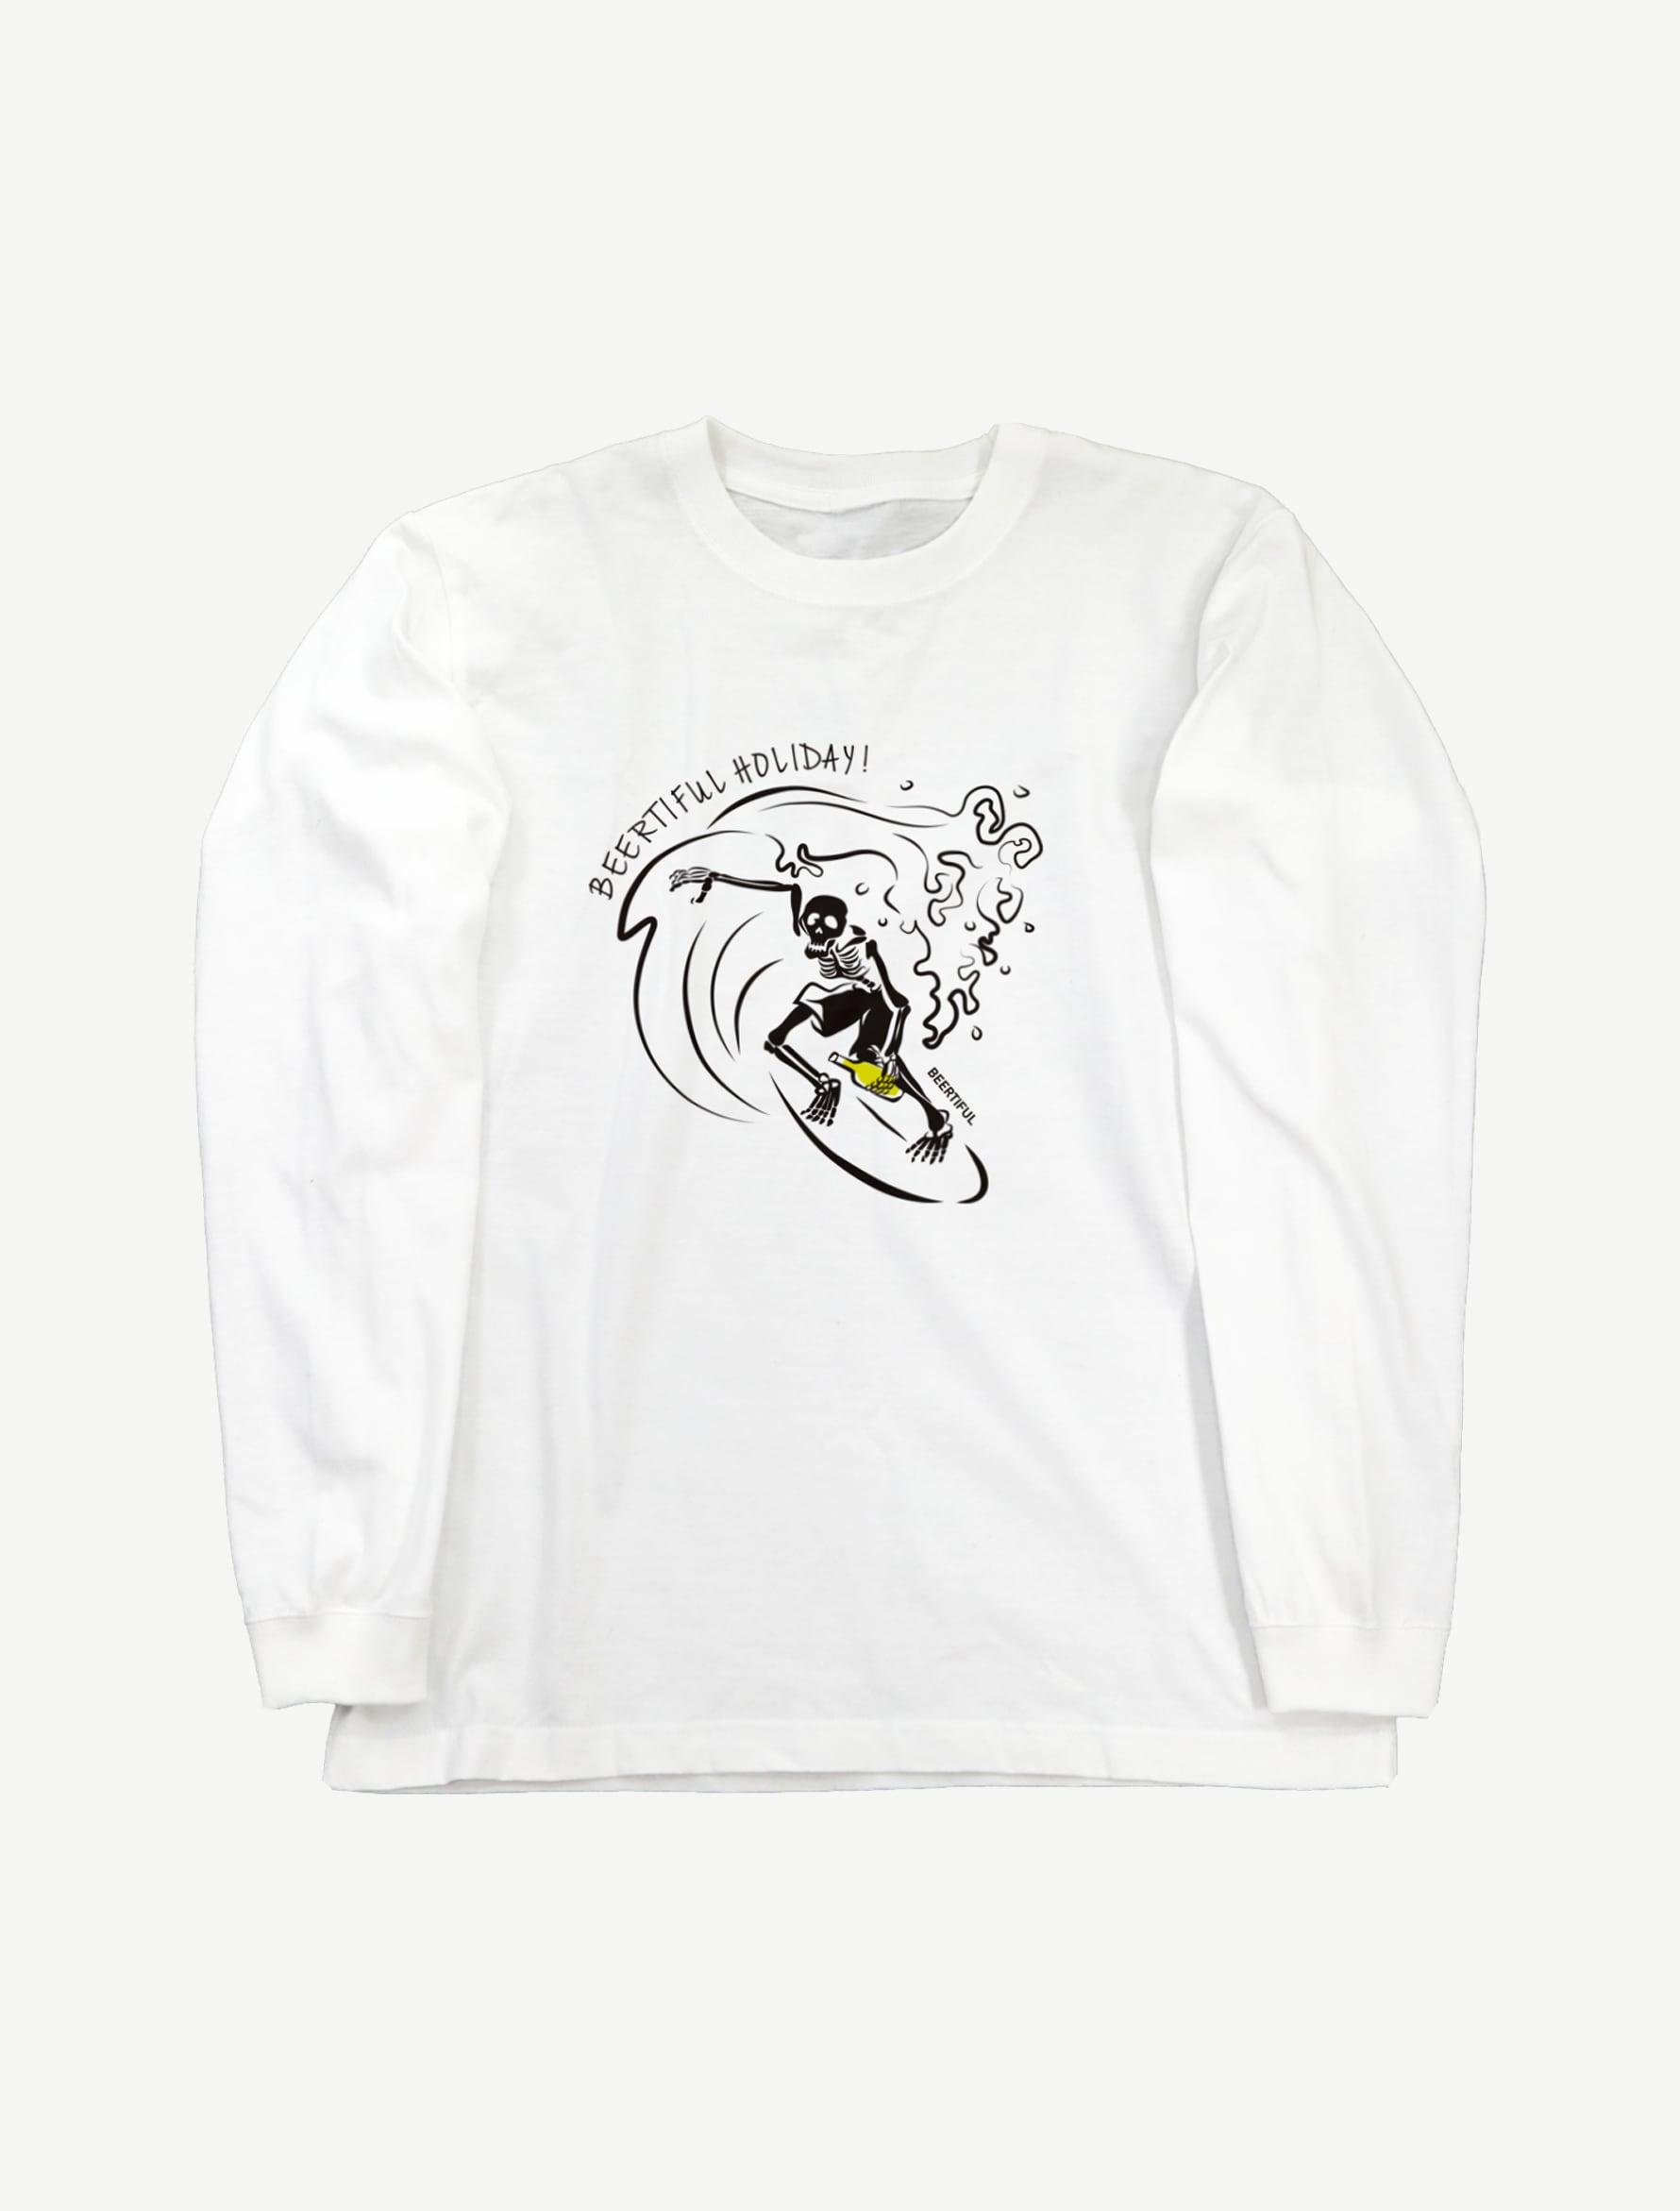 【サーフィンガイコツ】ロングスリーブTシャツ(ホワイト)